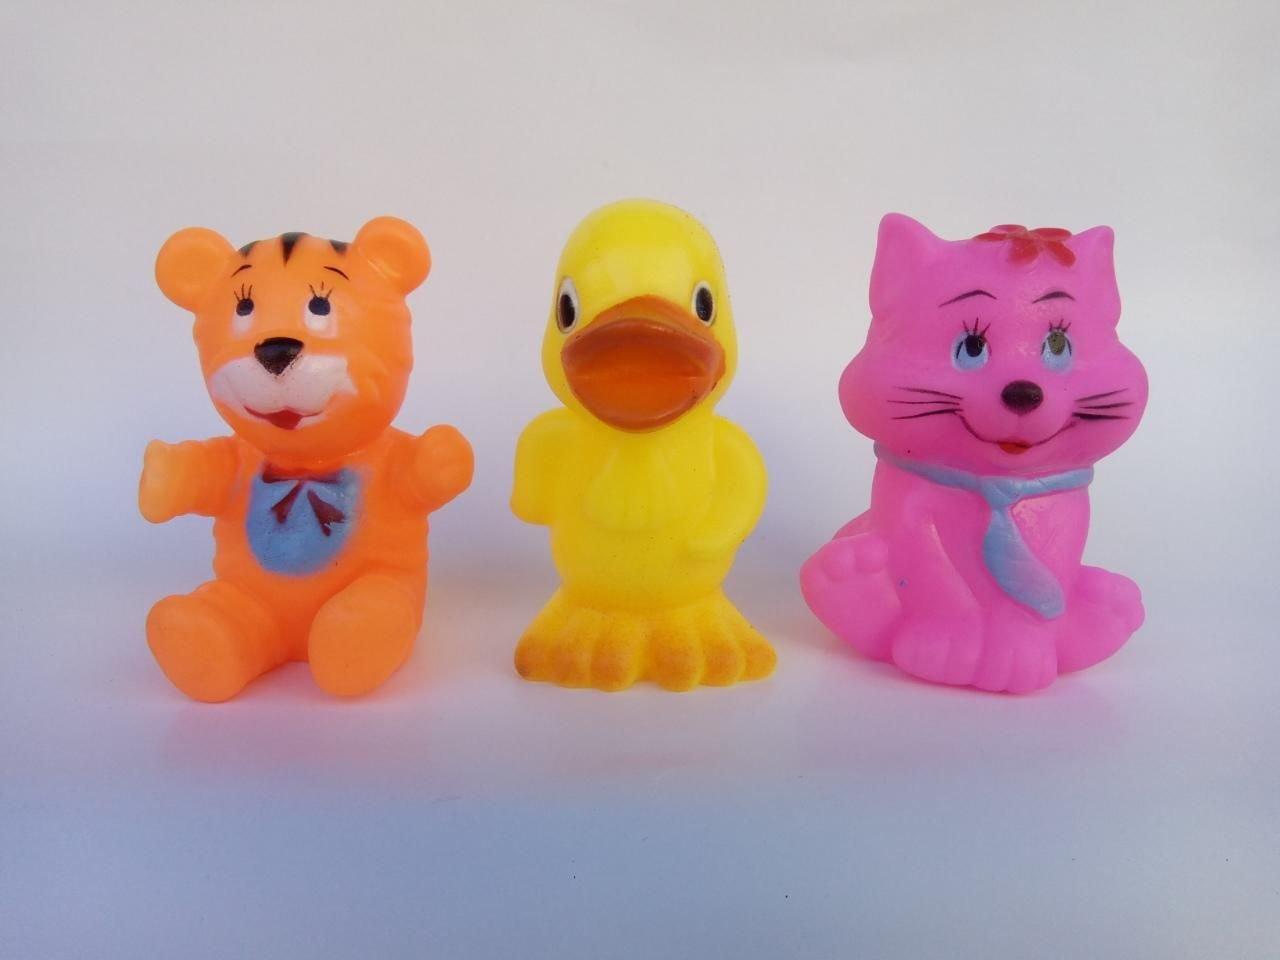 Комплект три броя гумени играчки Пате, Мече и Коте